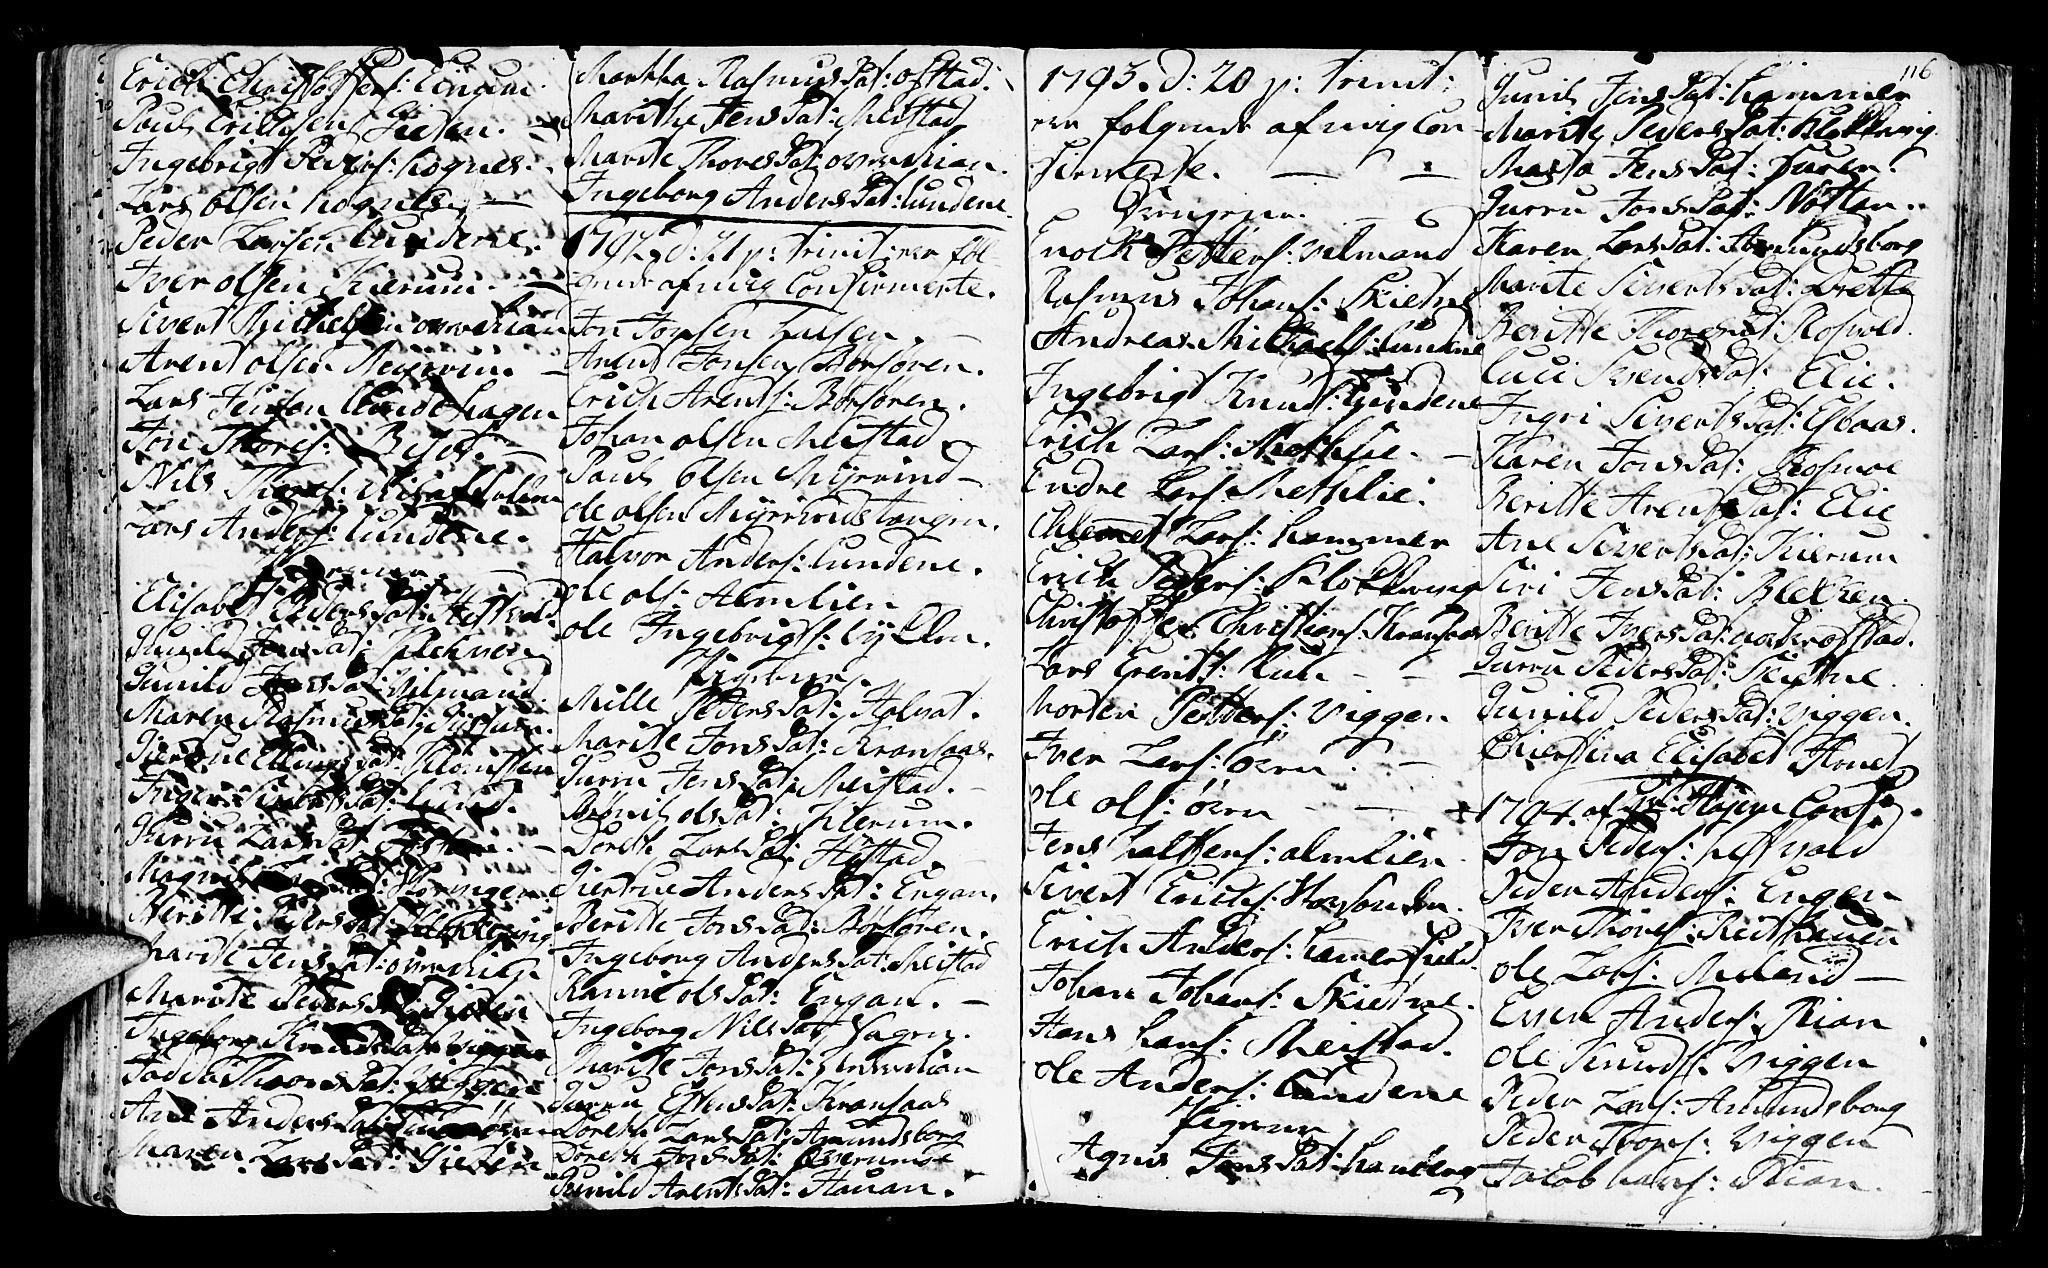 SAT, Ministerialprotokoller, klokkerbøker og fødselsregistre - Sør-Trøndelag, 665/L0768: Ministerialbok nr. 665A03, 1754-1803, s. 116